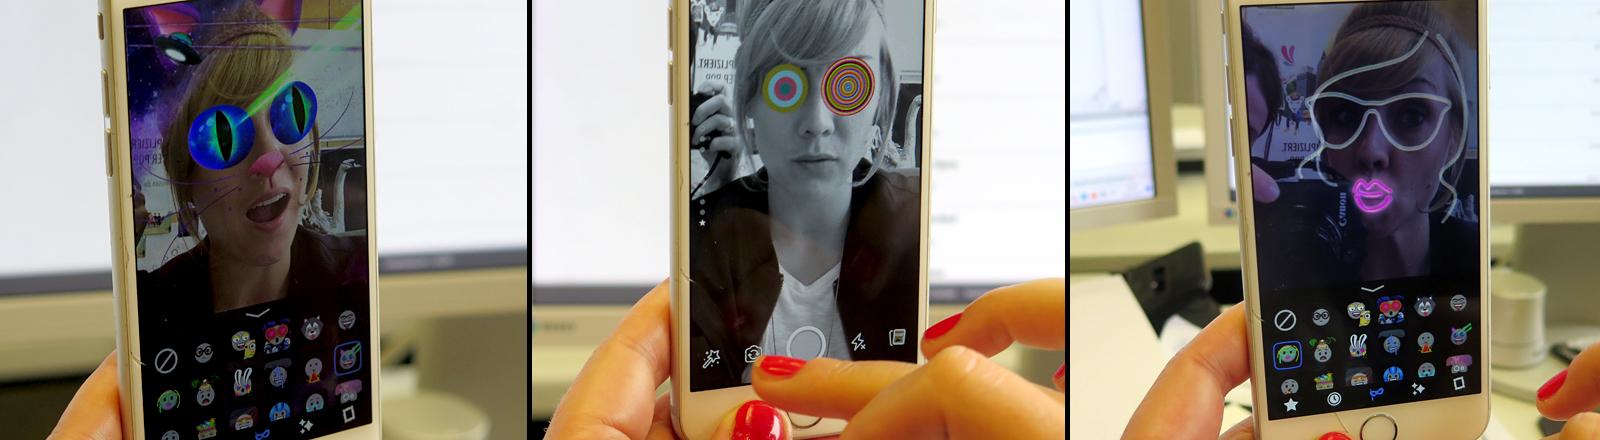 Selfie mit lustigen Filtern